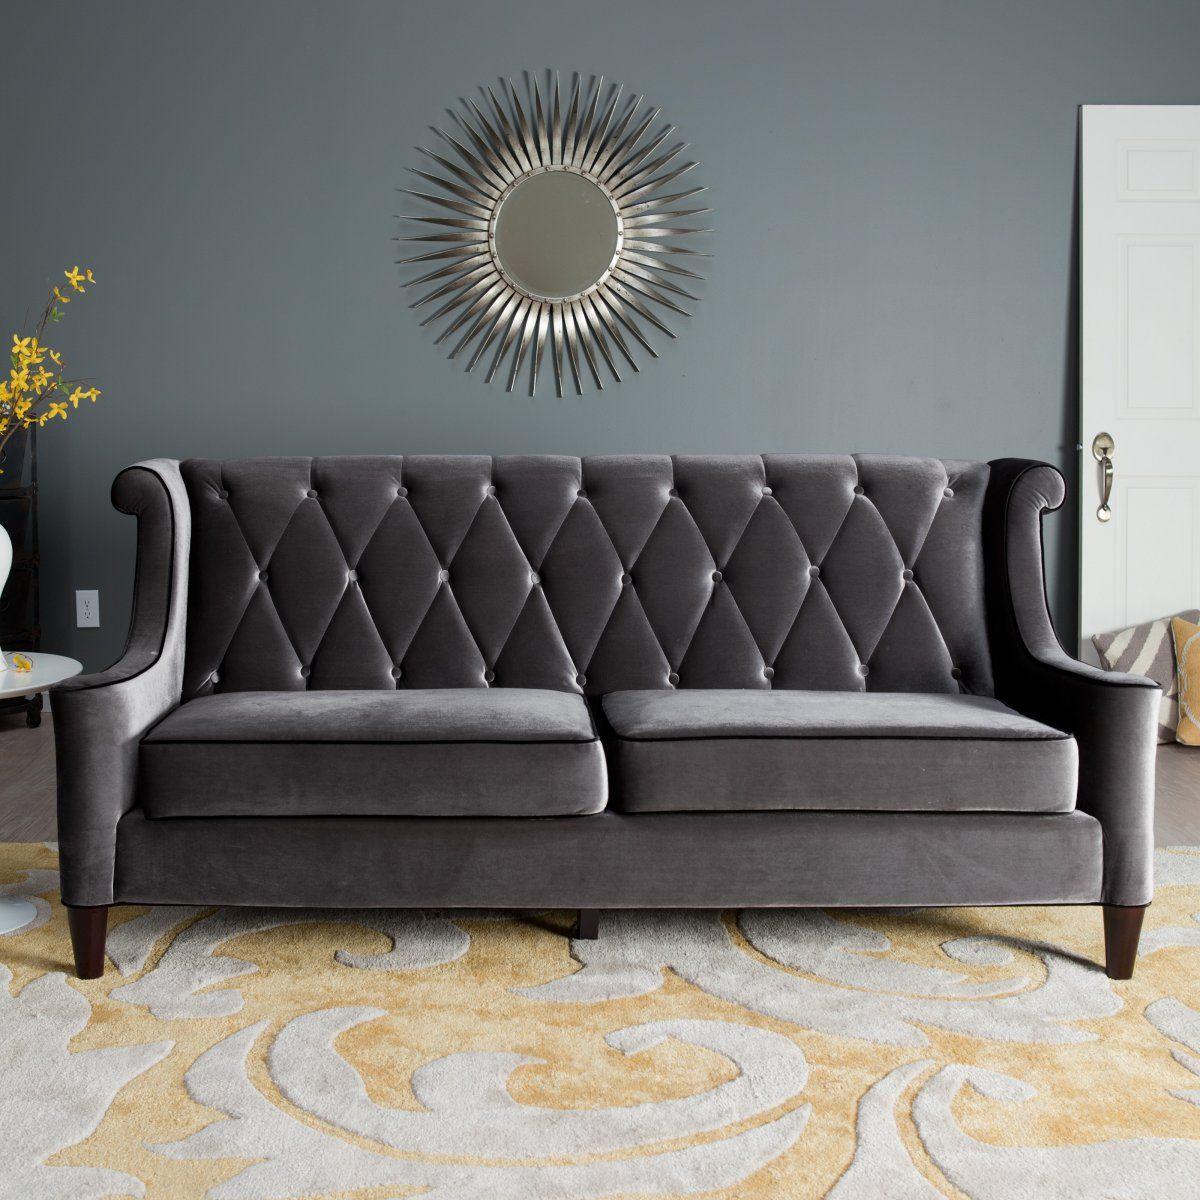 Home Decor Sofa: Home Decor - Living Room